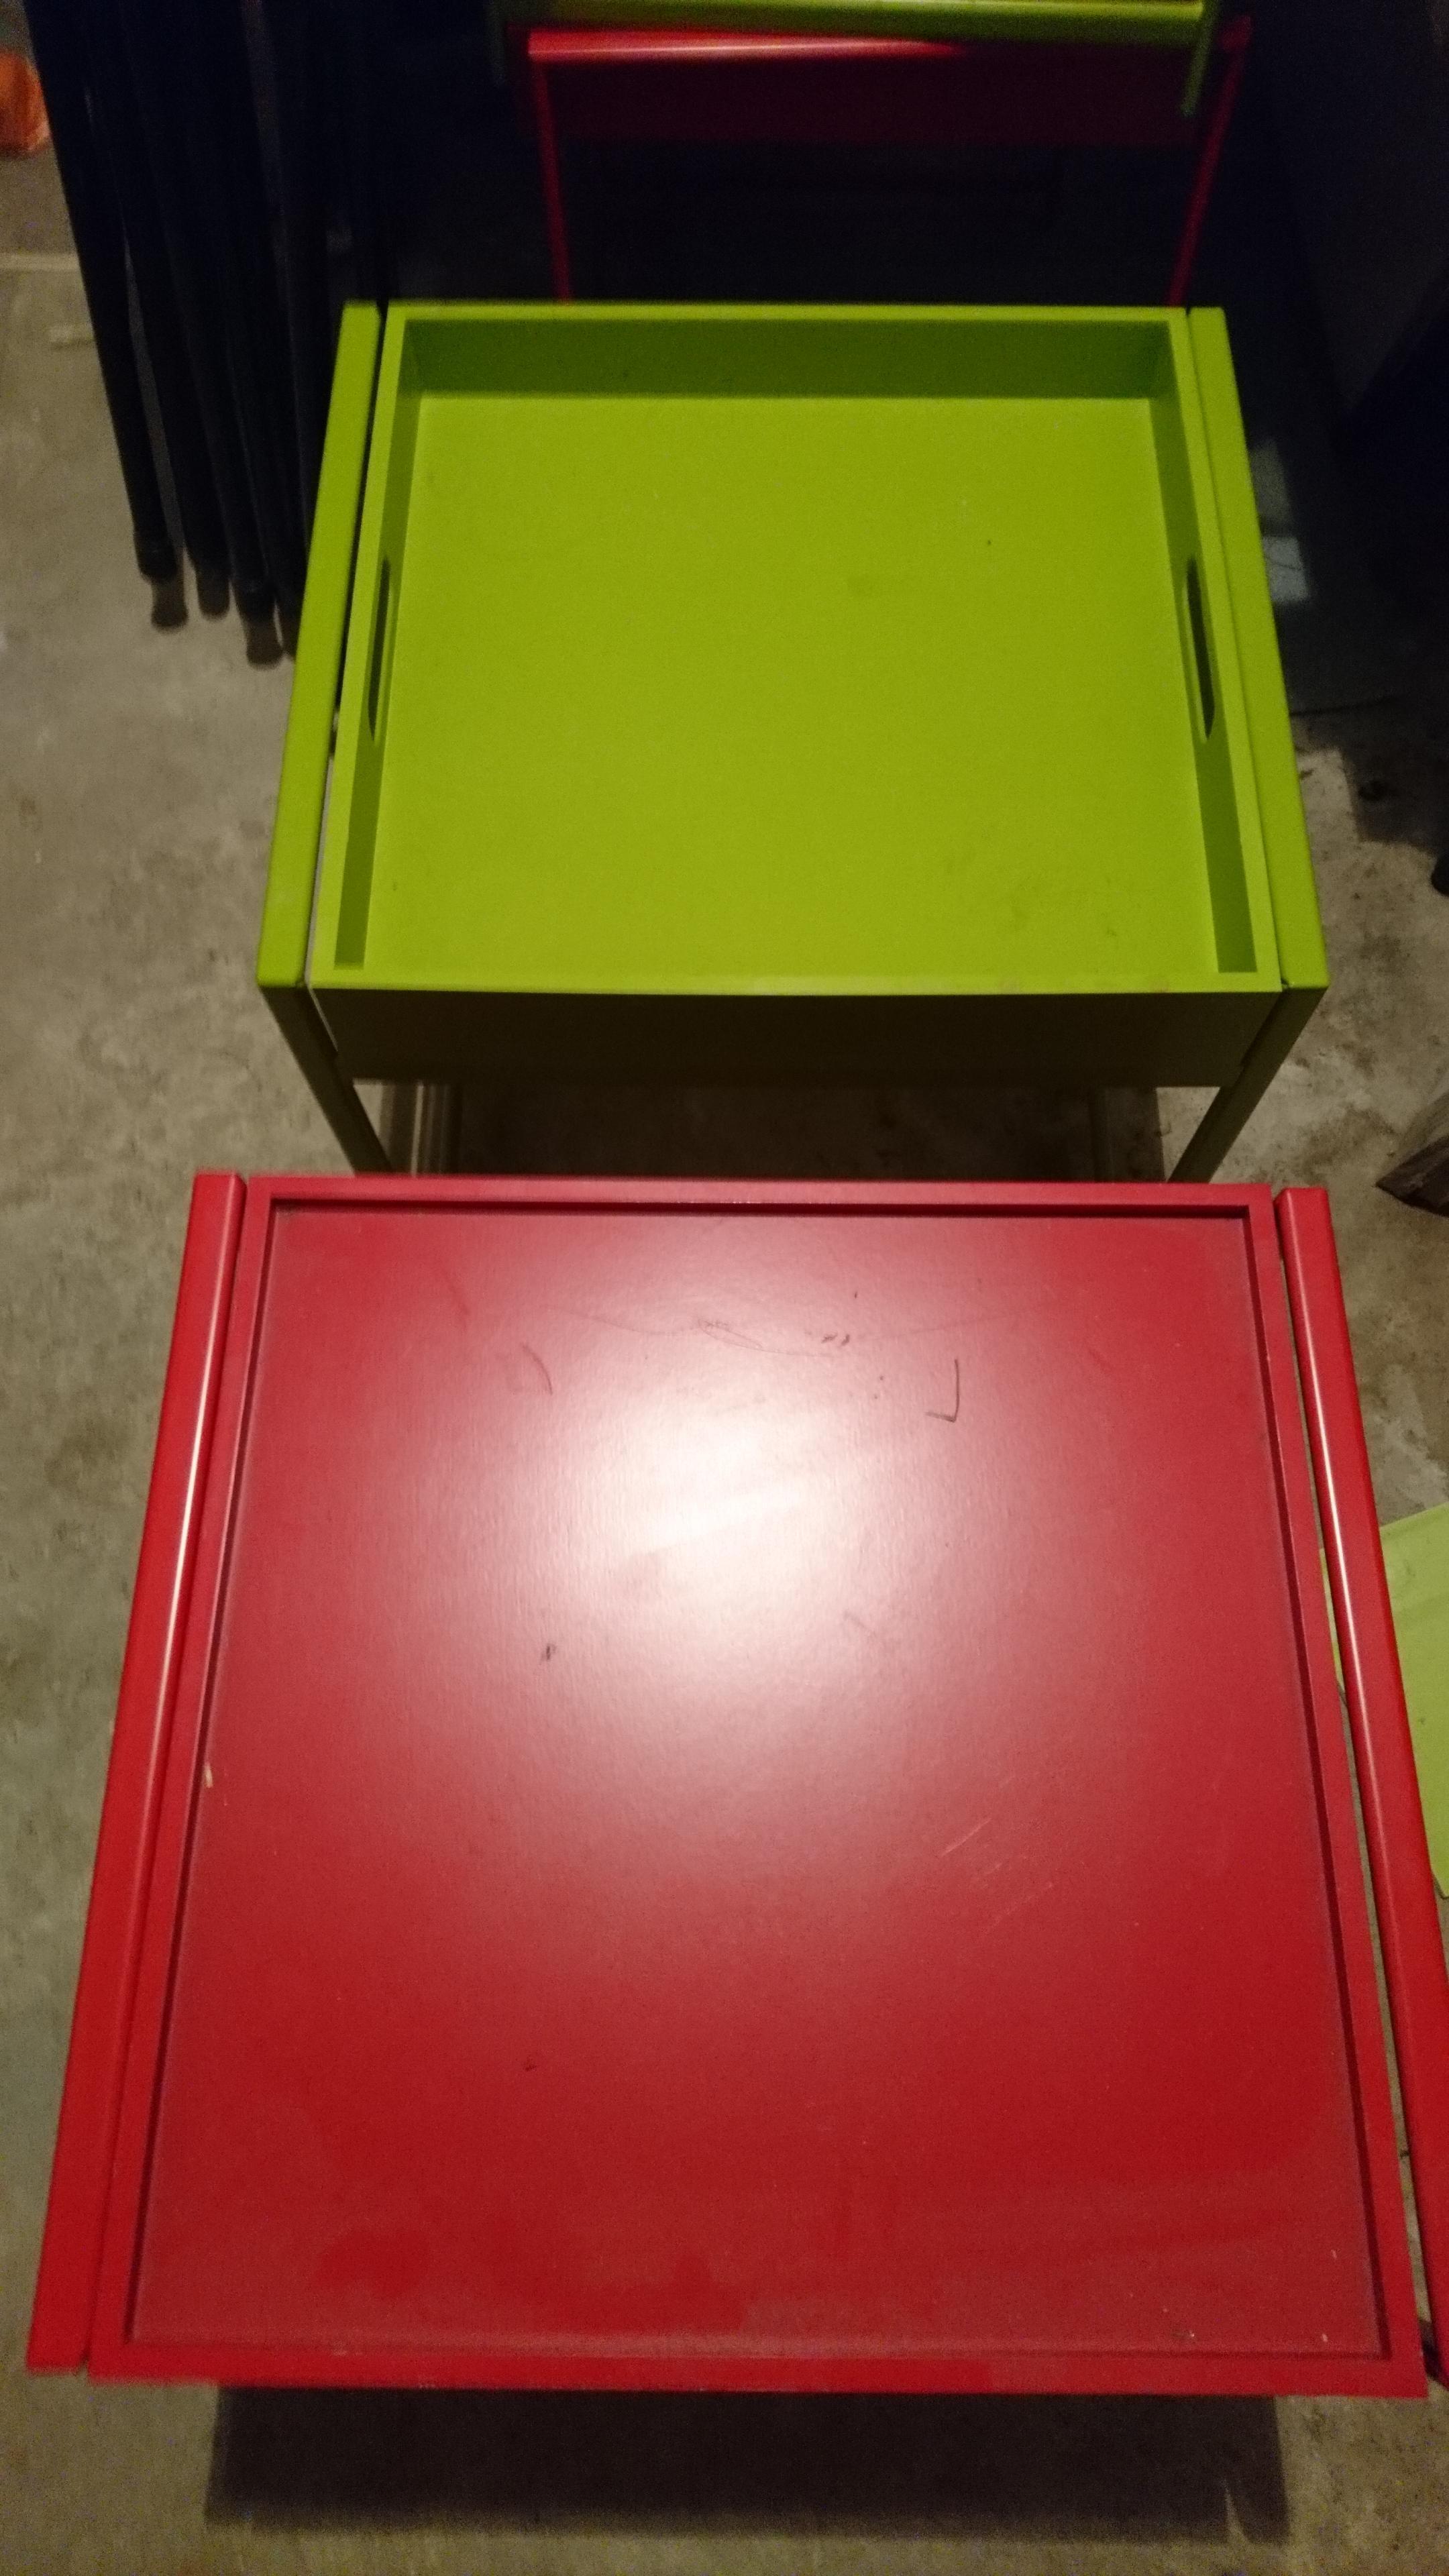 troc de troc 4 tables basses image 0